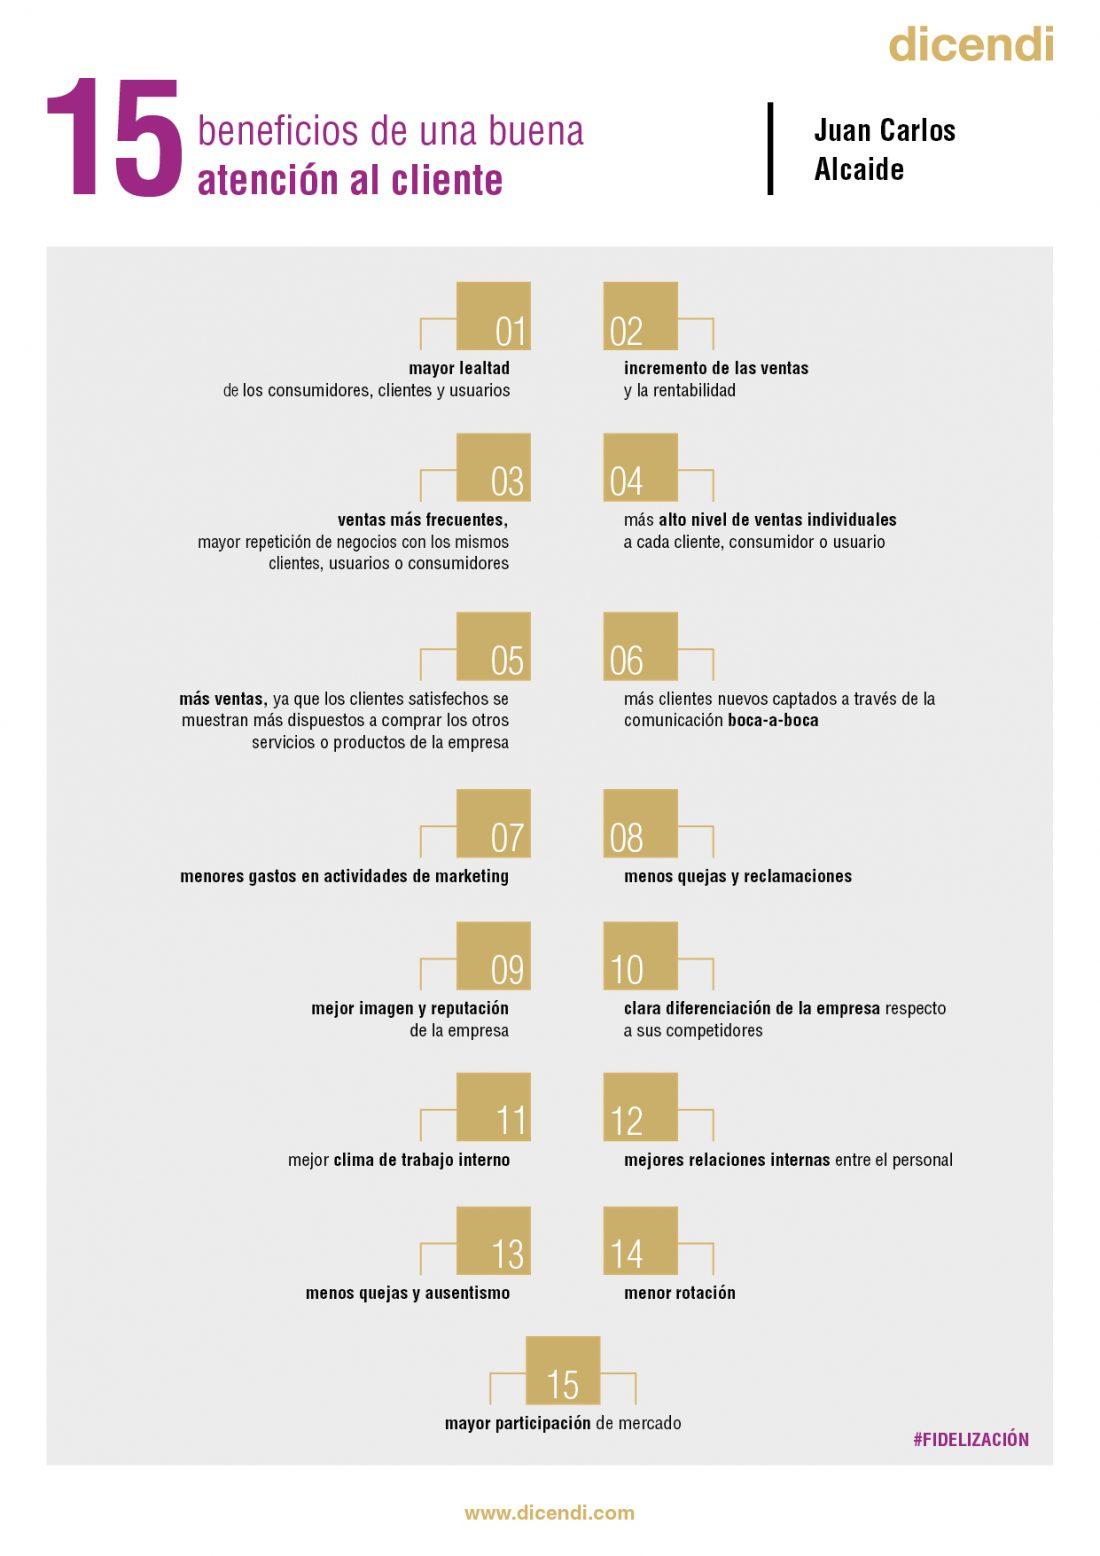 15 beneficios de una buena atención al cliente.